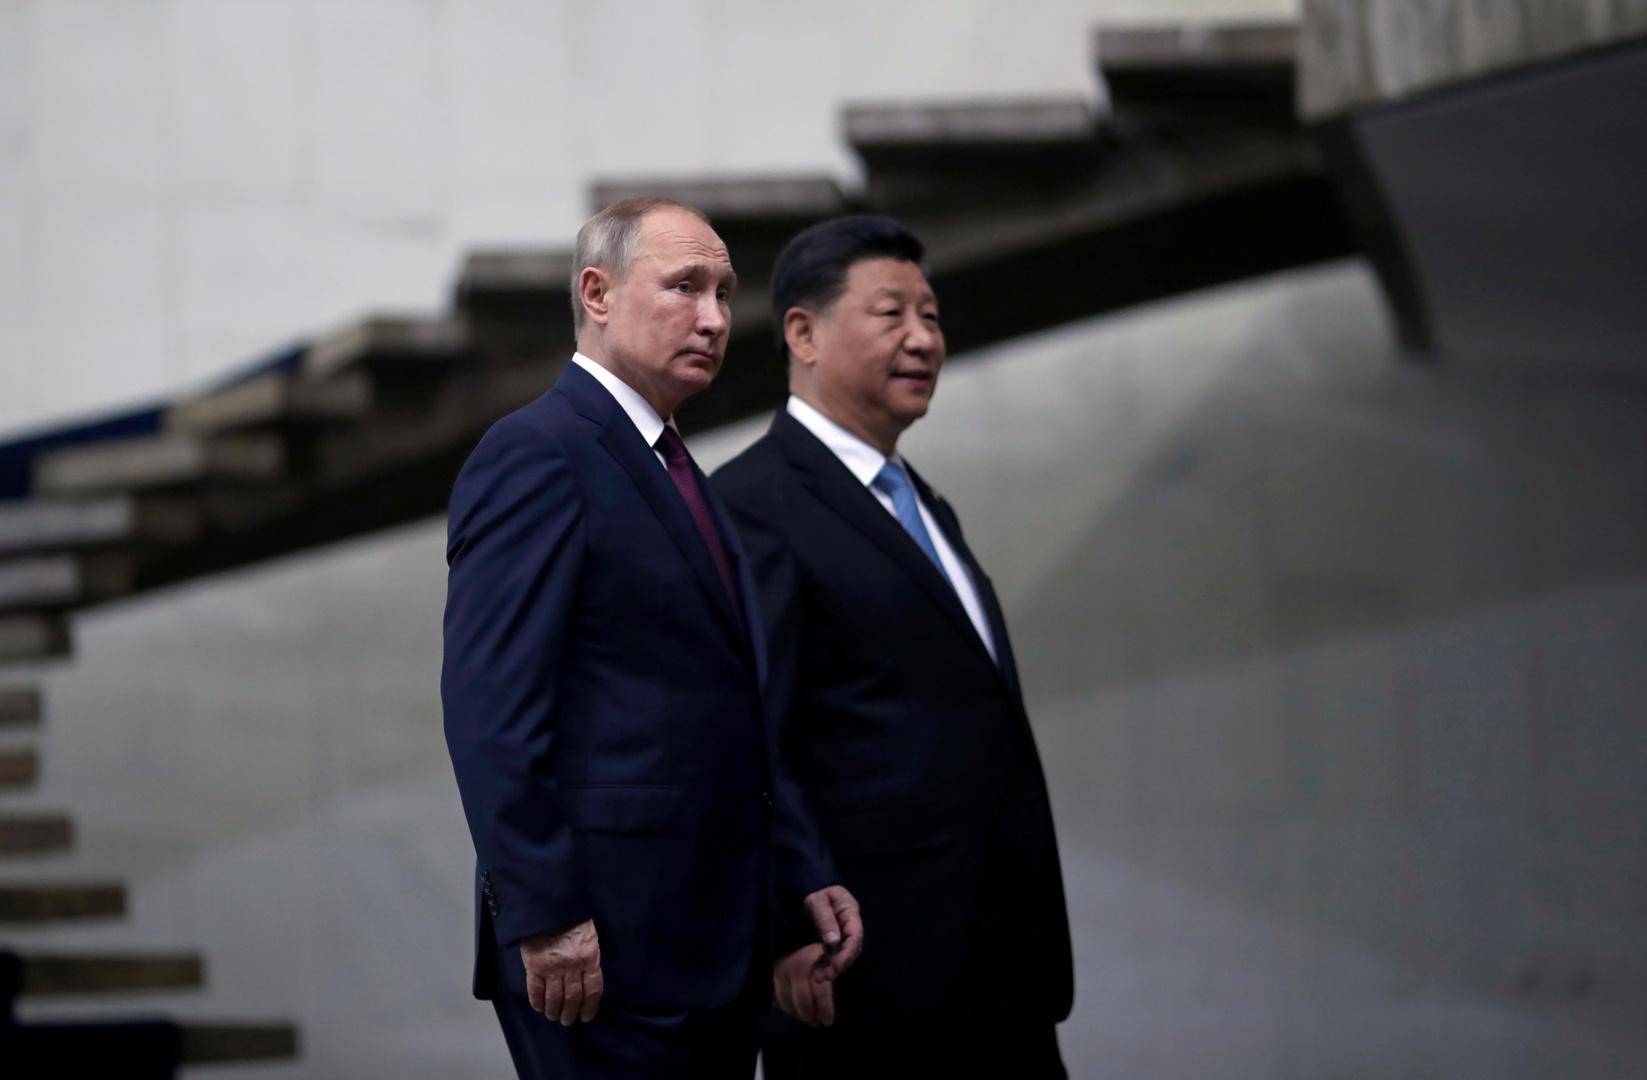 سيناريوهان وعقبتان بين روسيا والصين